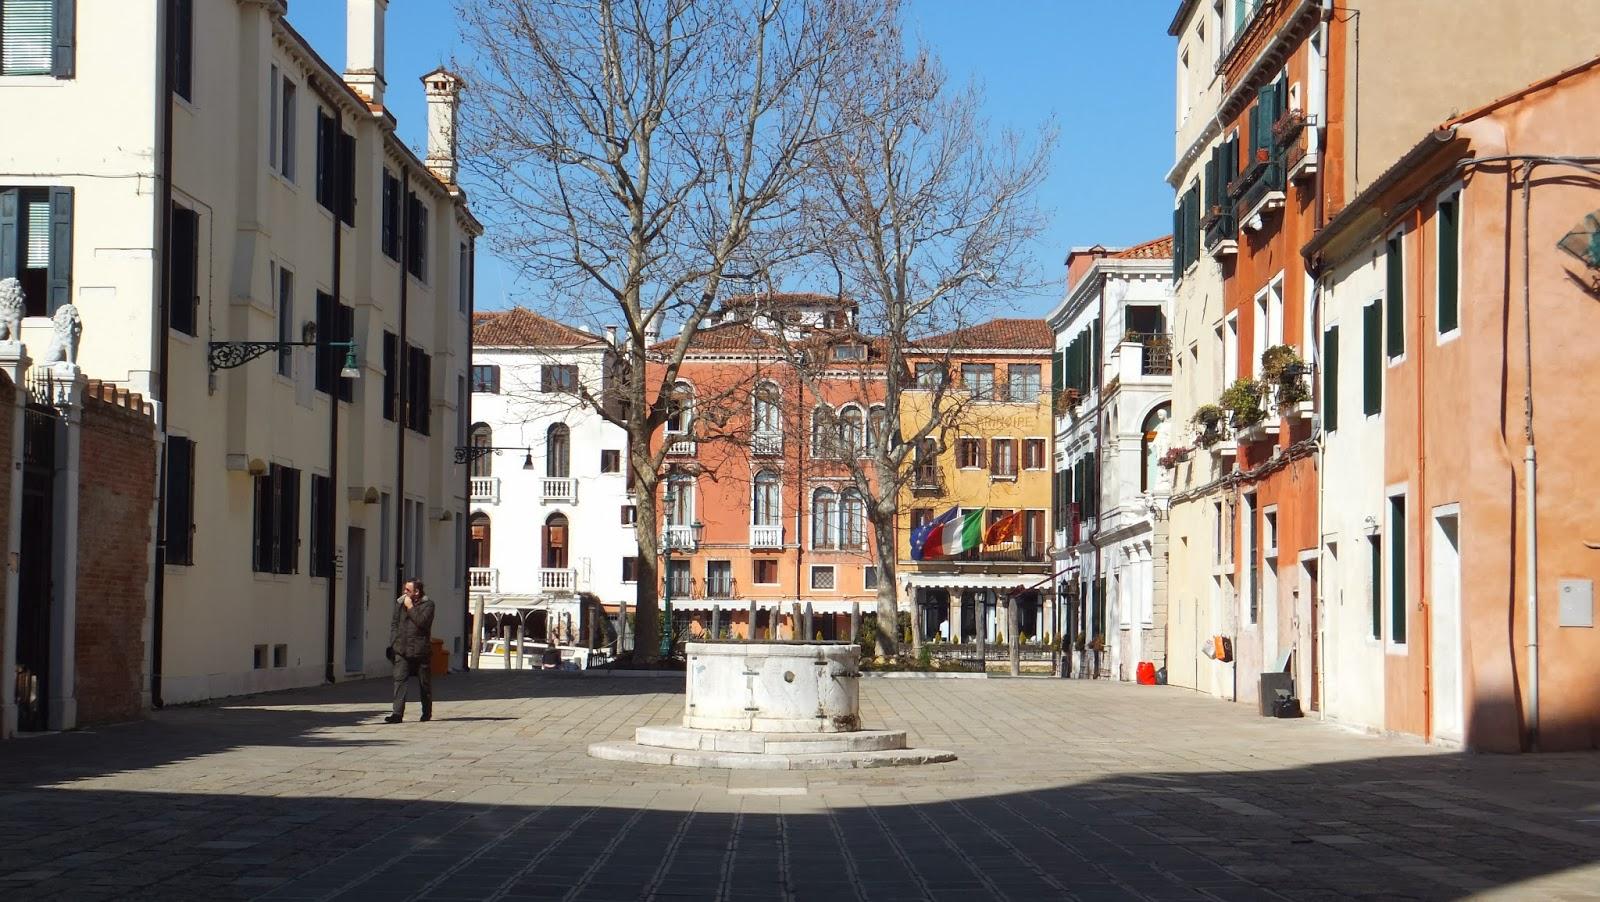 Calles de Venecia, Venezia, Italia, Elisa N, Blog de Viajes, Lifestyle, Travel